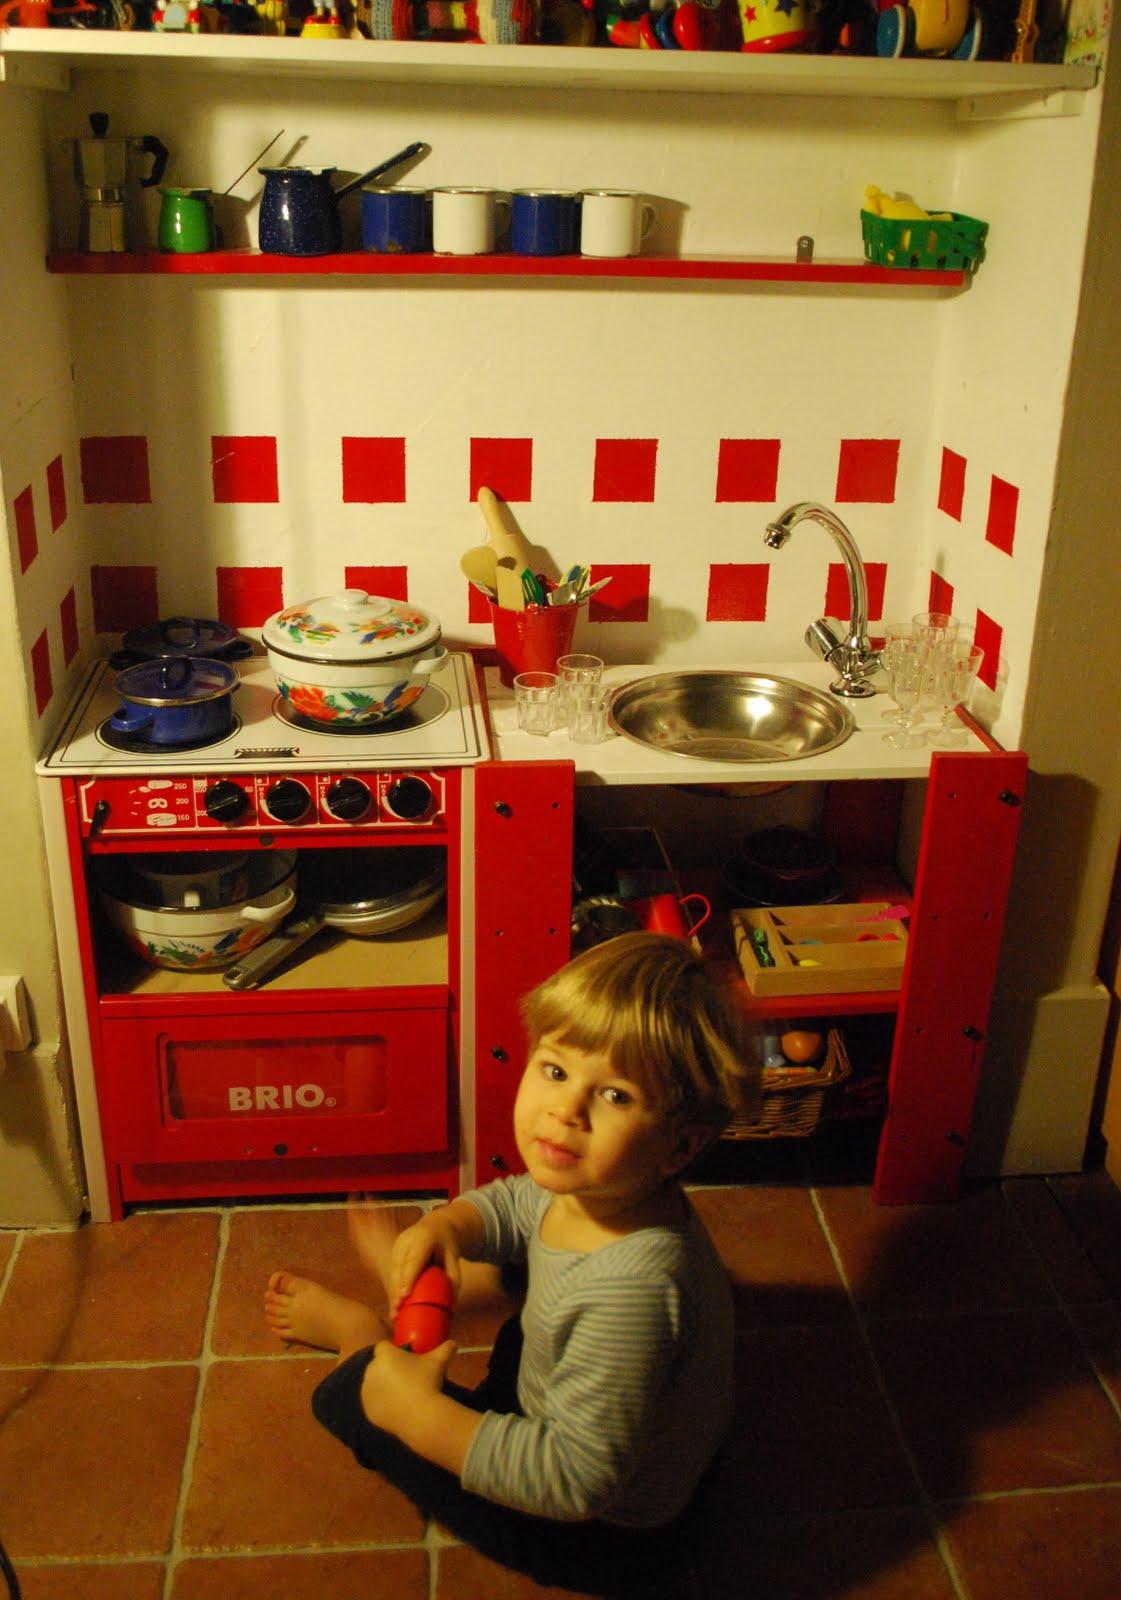 La cuisine de juliette mini cuisine pour mini cuisinier for Cuisinier 2010